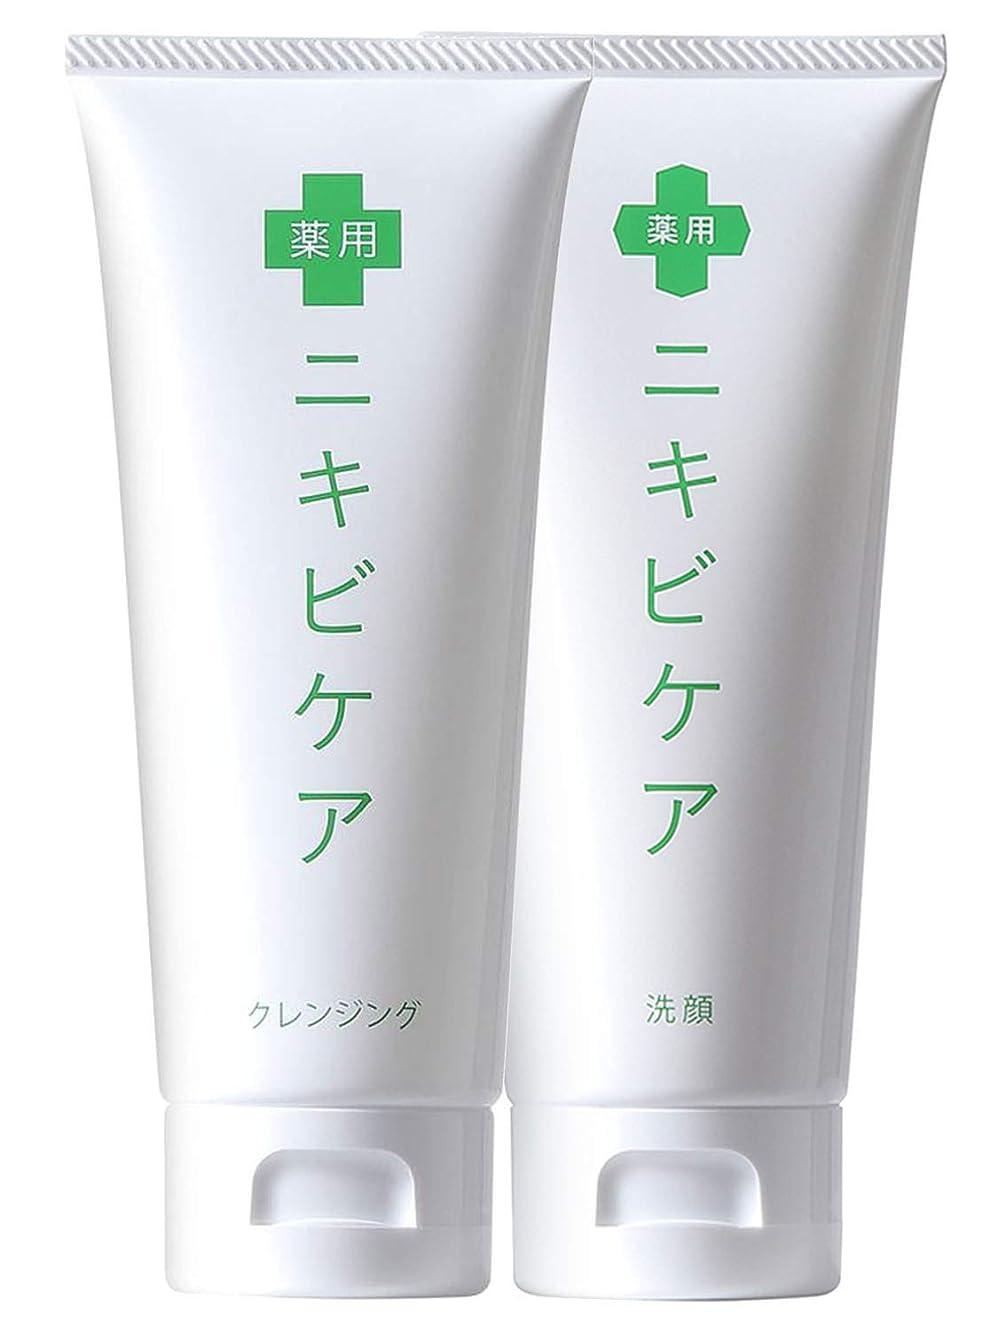 適度に下に向けますリベラル医薬部外品 薬用 ニキビケア 洗顔 & クレンジング 洗顔 セット「 香料 無添加 大人ニキビ 予防 」「 あご おでこ 鼻 アクネ 対策 」「 ヒアルロン酸 グリチルリチン酸2K 配合 」 メンズ レディース 100g & 100g